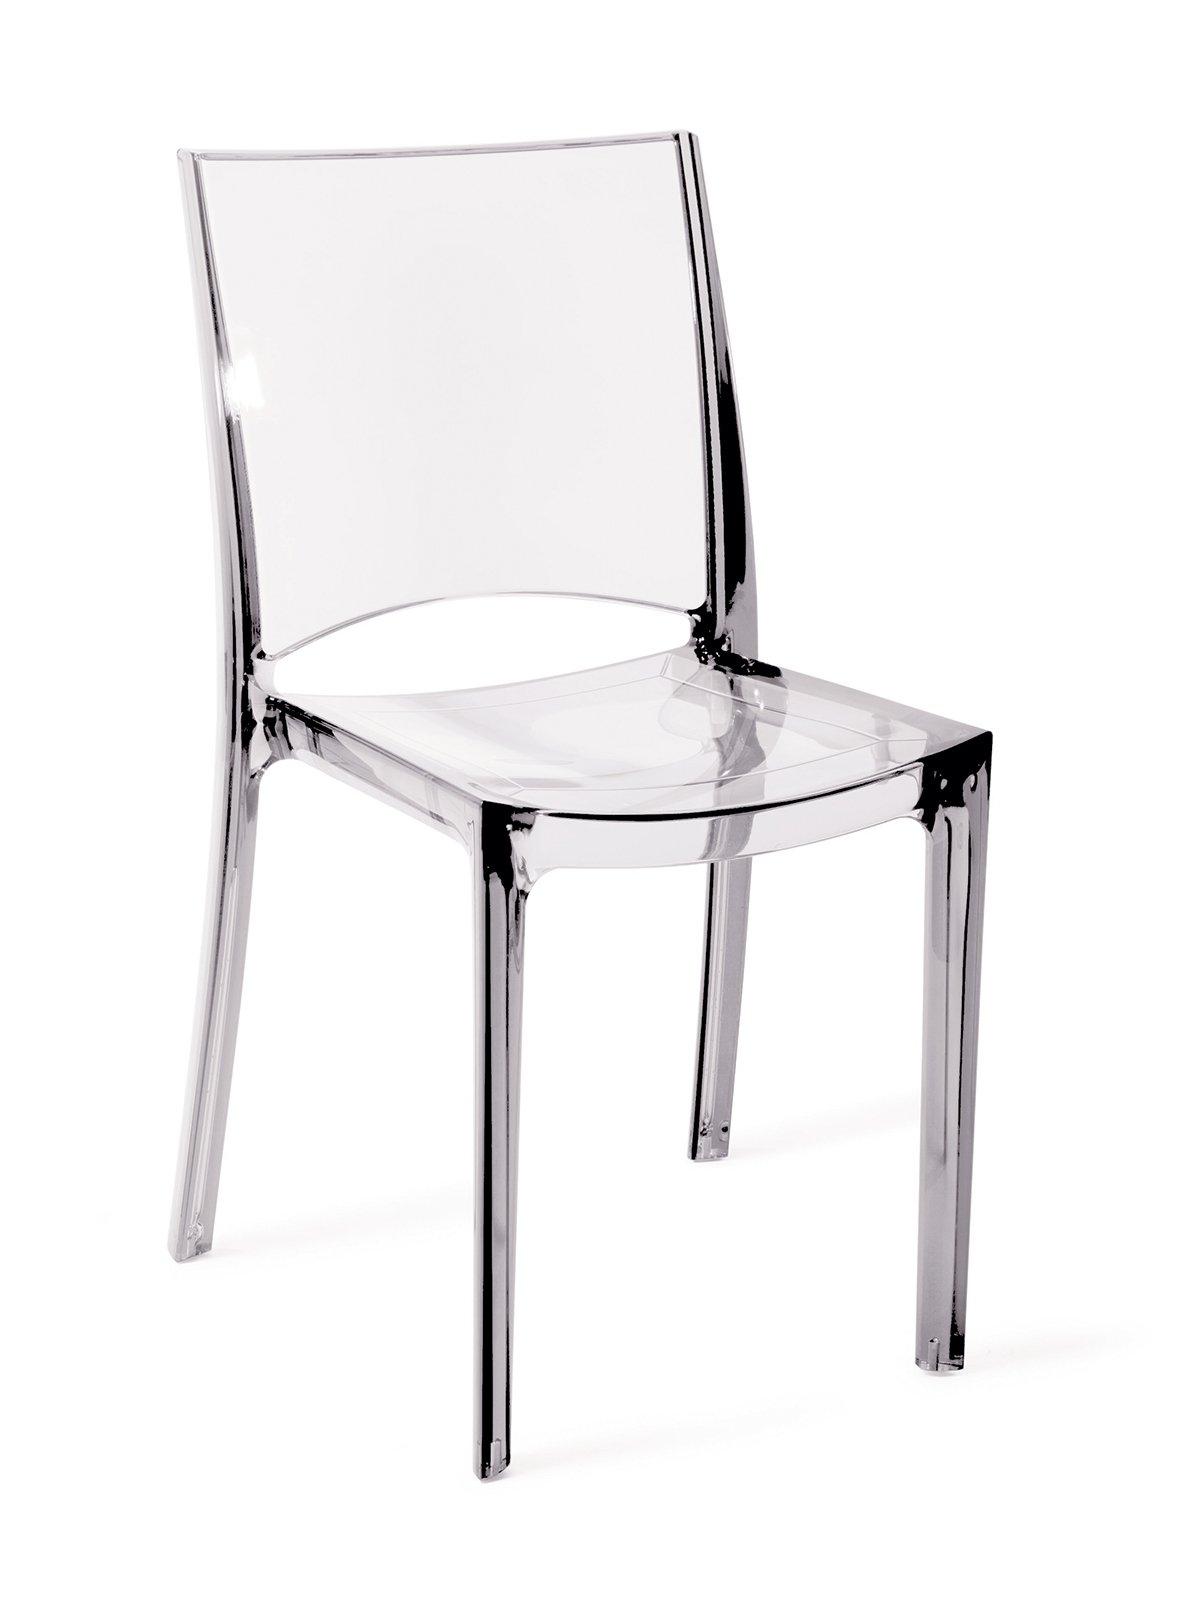 Sedie Trasparenti. E La Stanza Sembra Più Grande Cose Di Casa #6F5C5C 1177 1600 Sedie Per Tavolo Da Pranzo Ikea